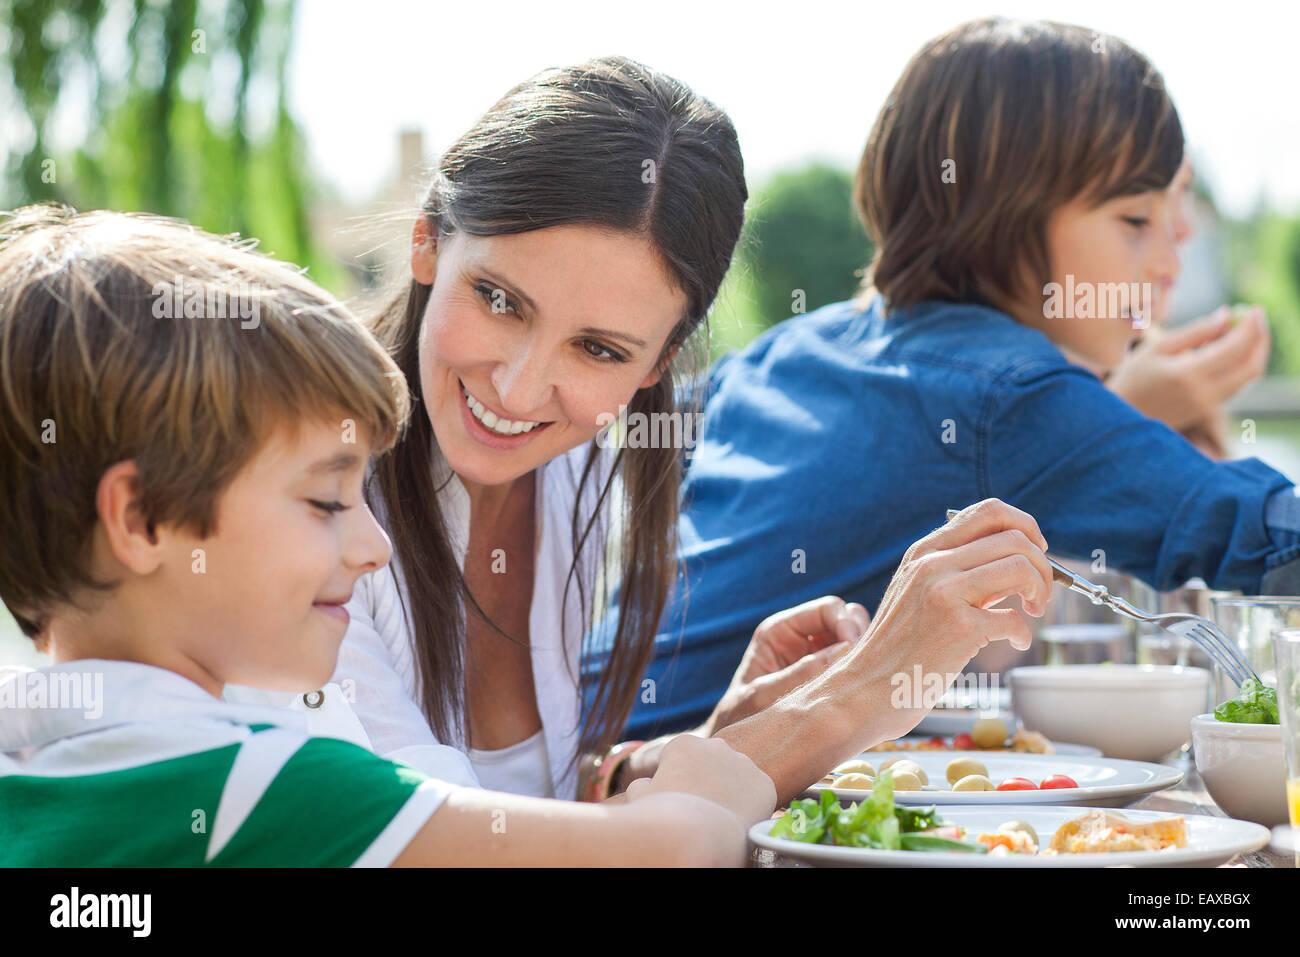 Familia disfrutando de una comida saludable al aire libre Imagen De Stock